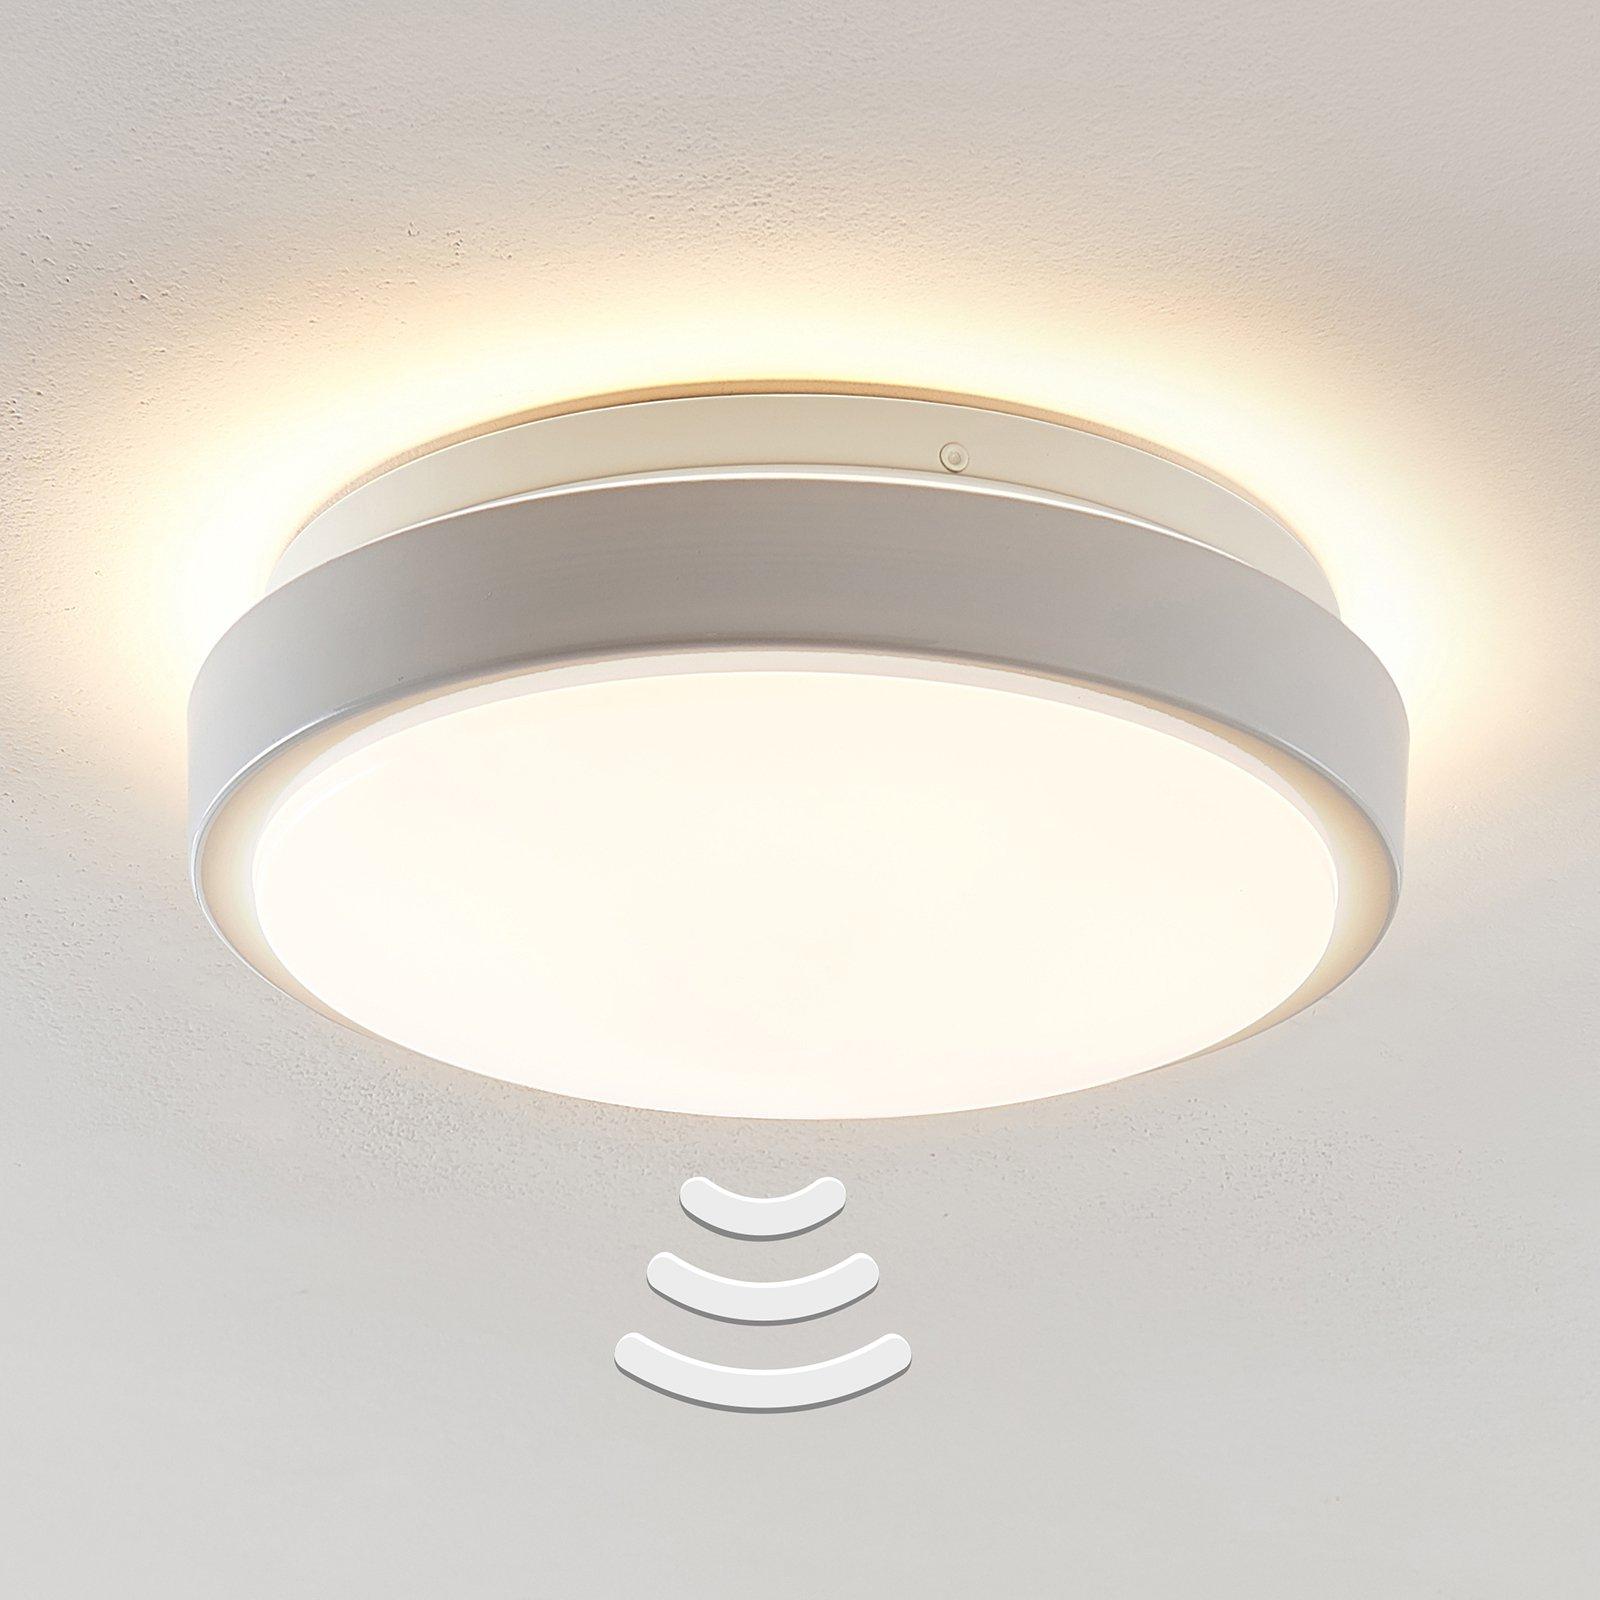 Lindby Camille LED-sensor-taklampe Ø26cm hvit